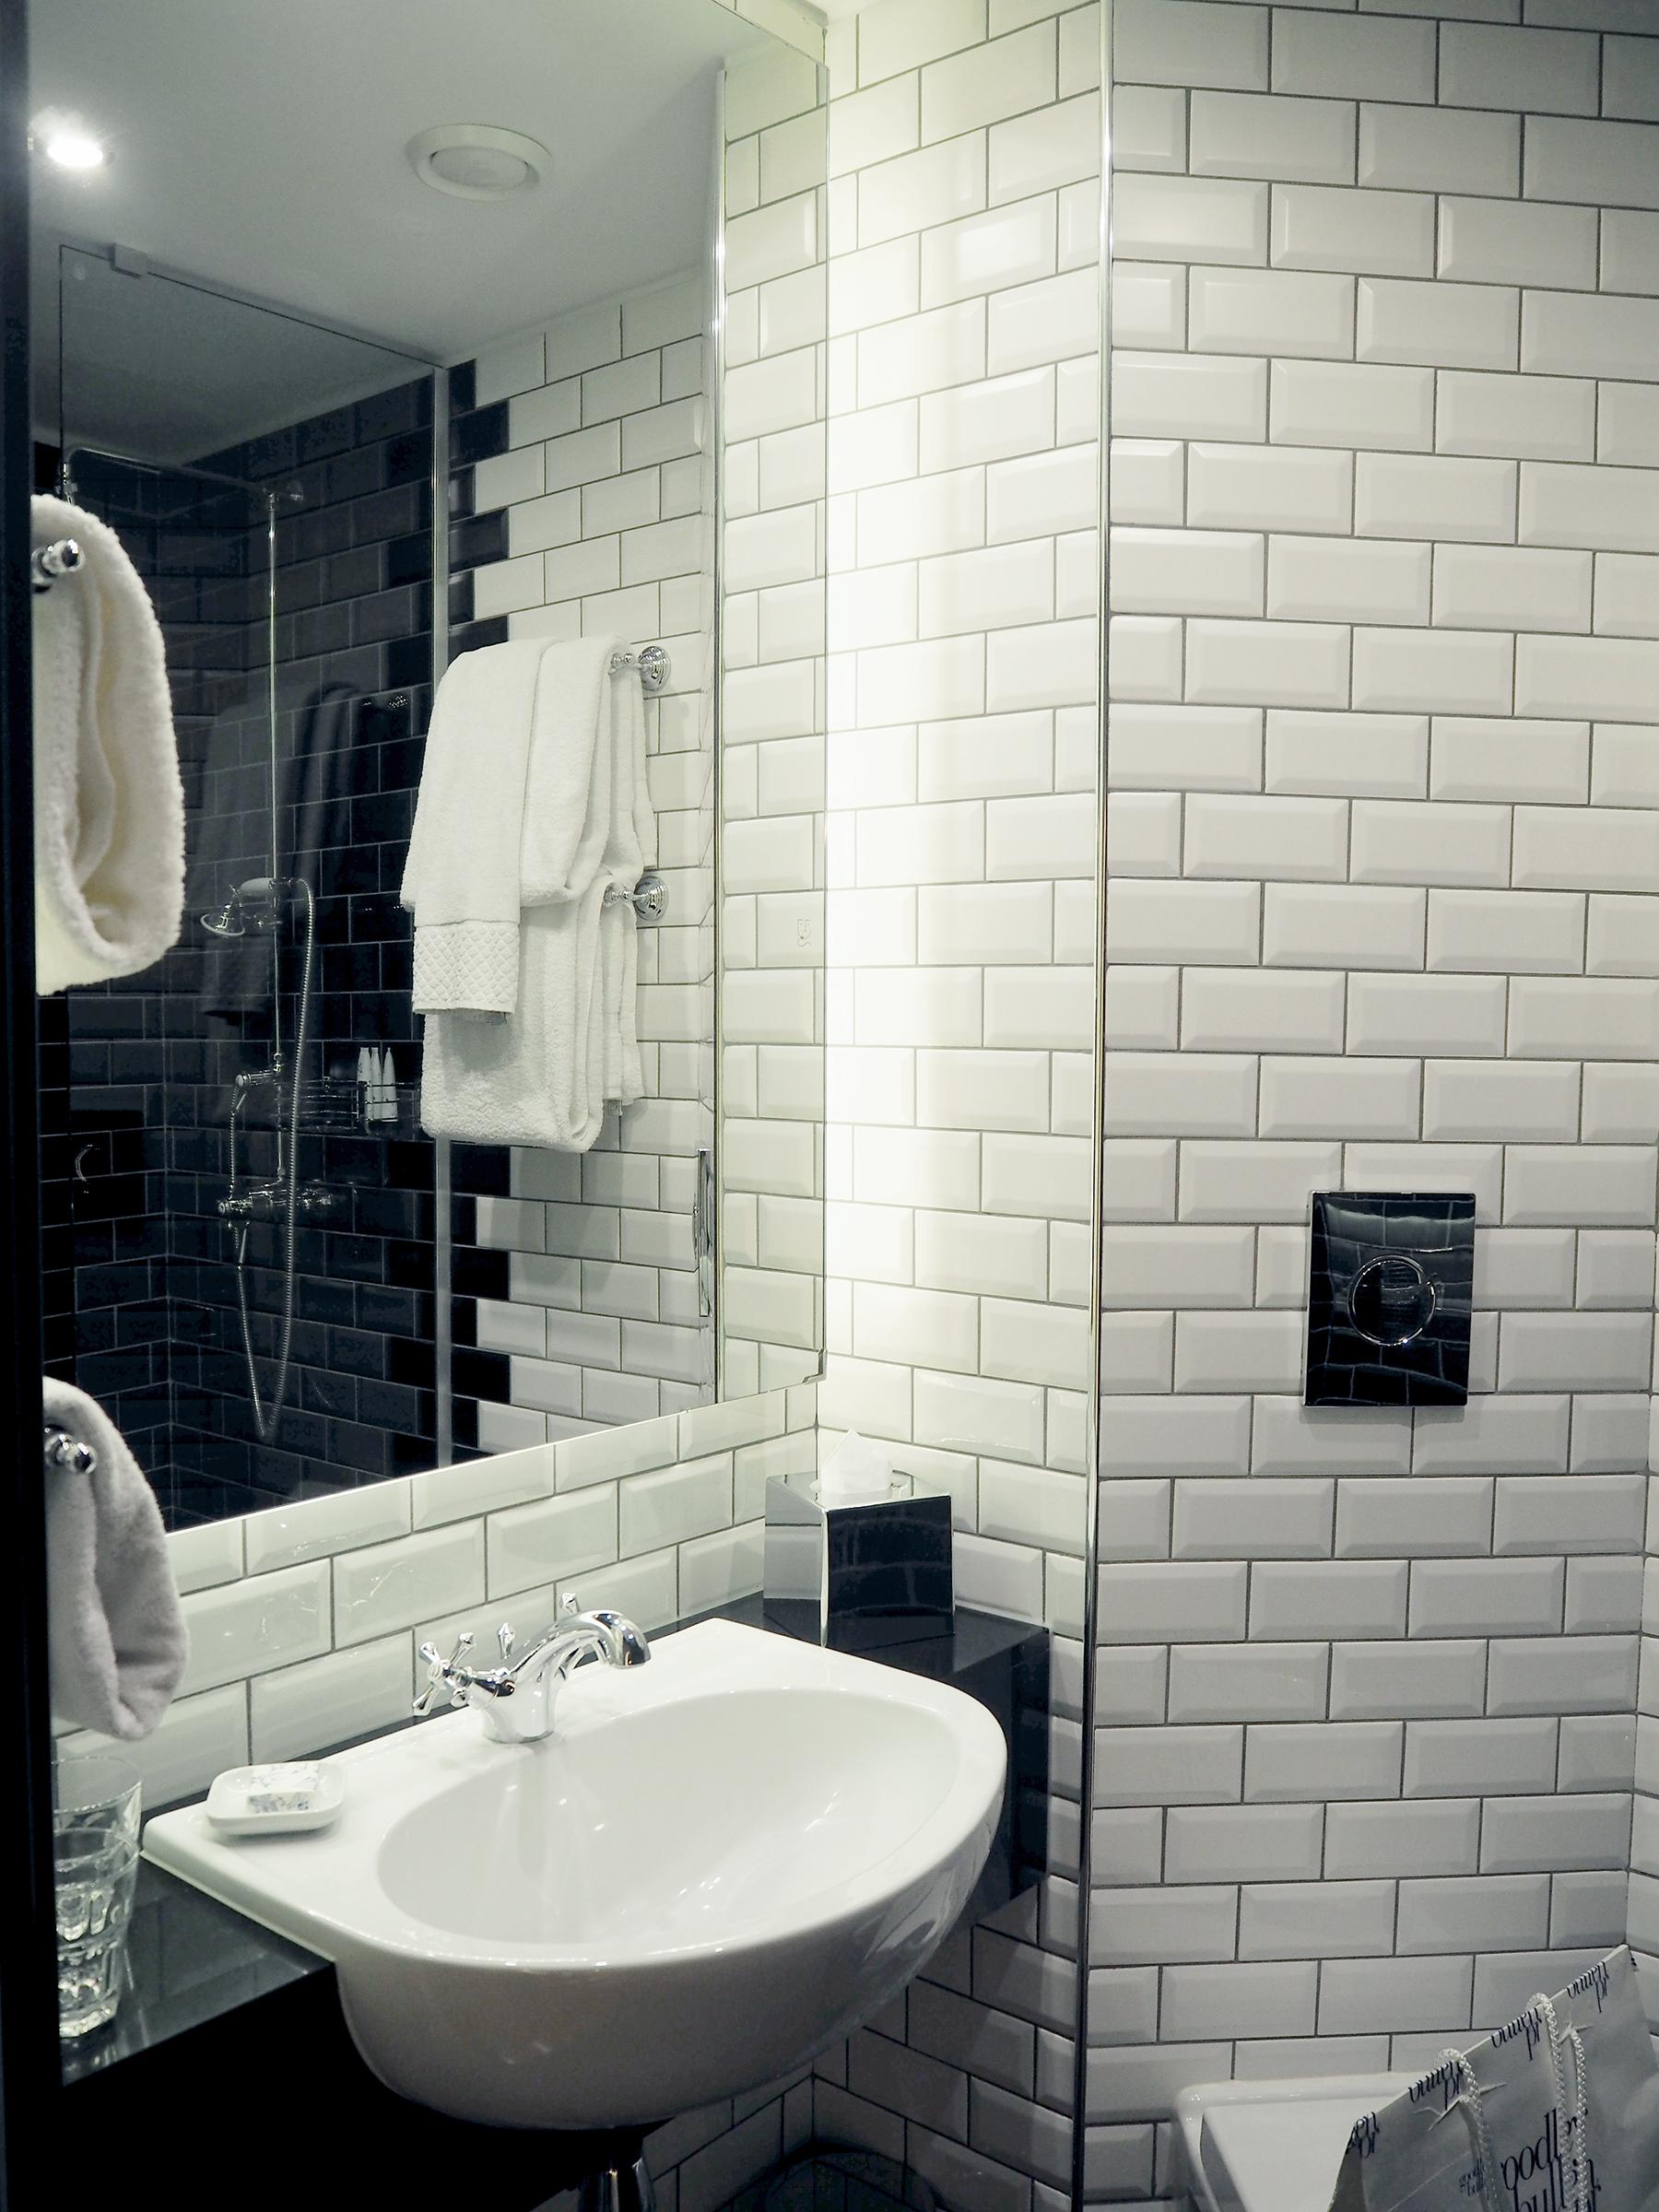 Hoxton Hotel Holborn bathroom